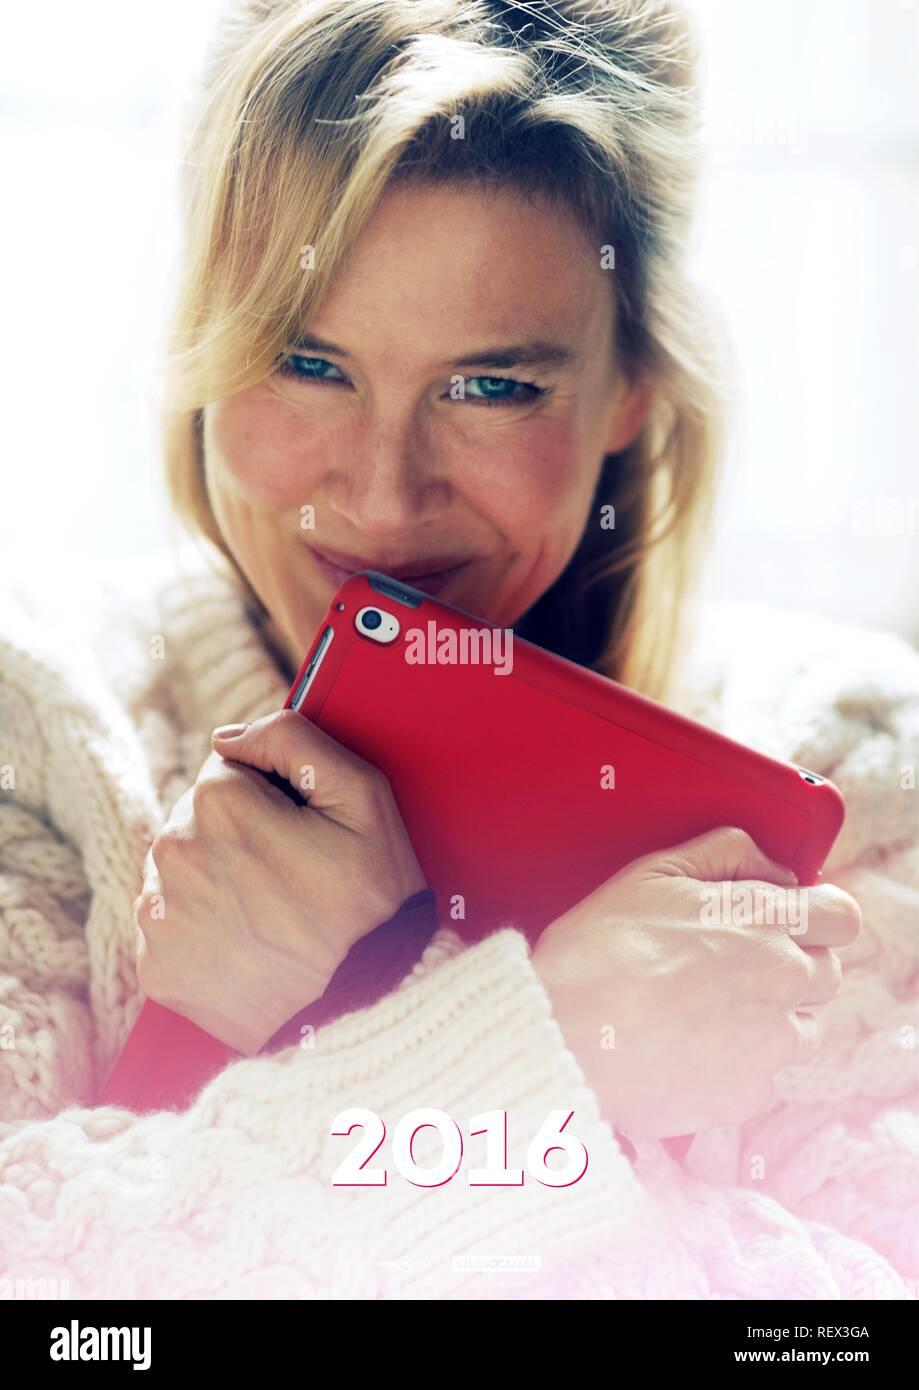 Renee Zellweger Poster Bridget Jones S Baby 2016 Stock Photo Alamy